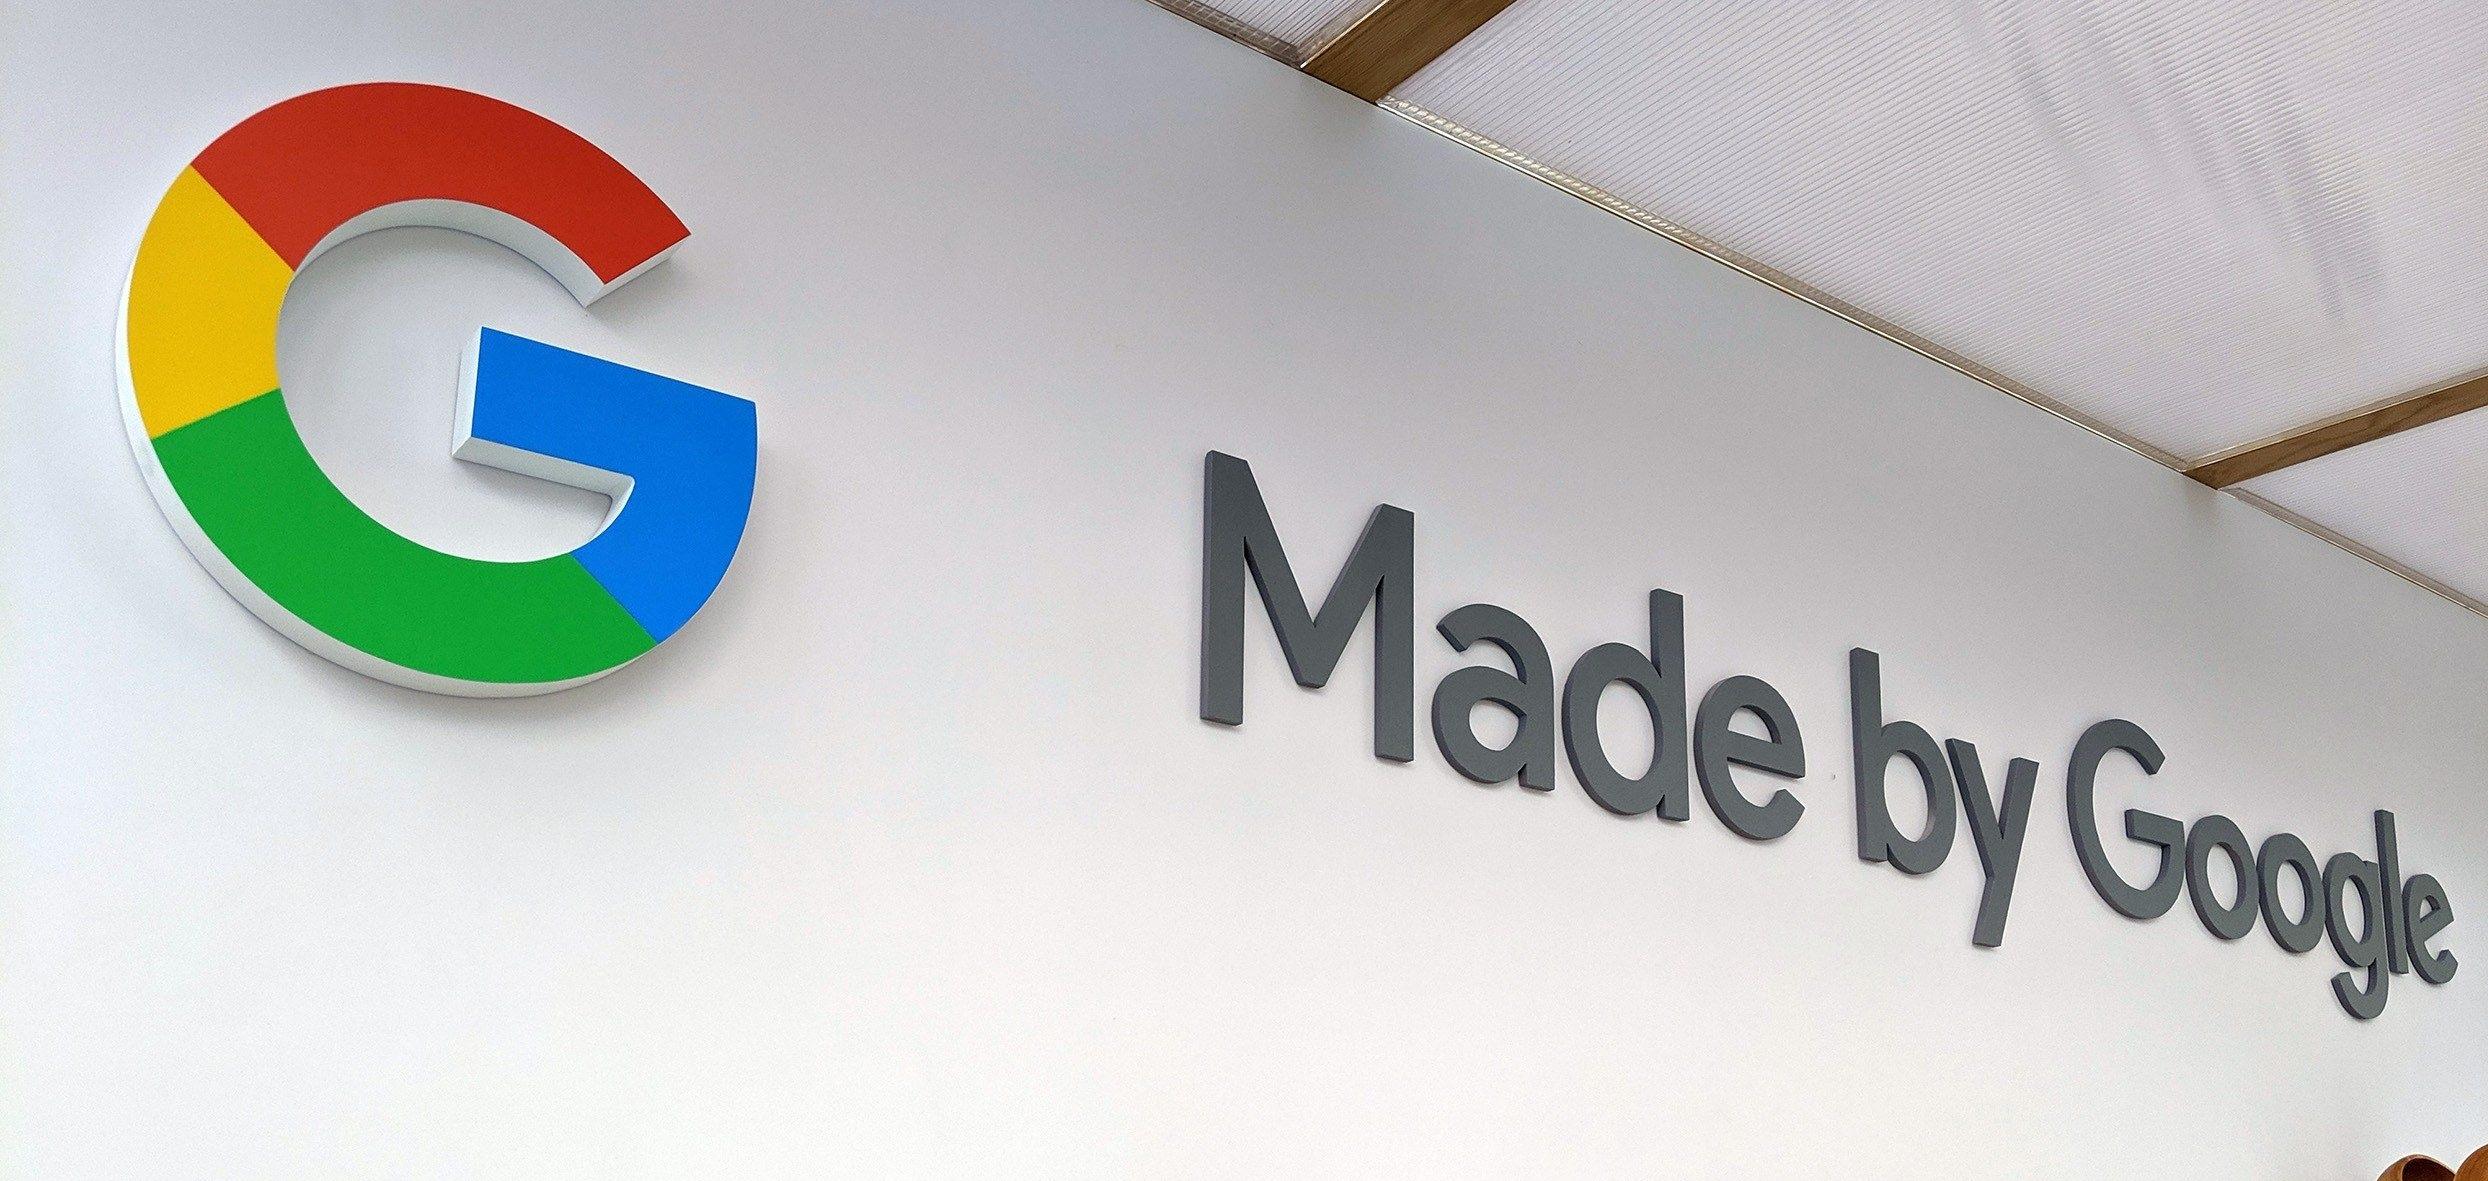 Ostatni kwartał był dla Google mało przyjemny. Pierwszy spadek przychodów od lat